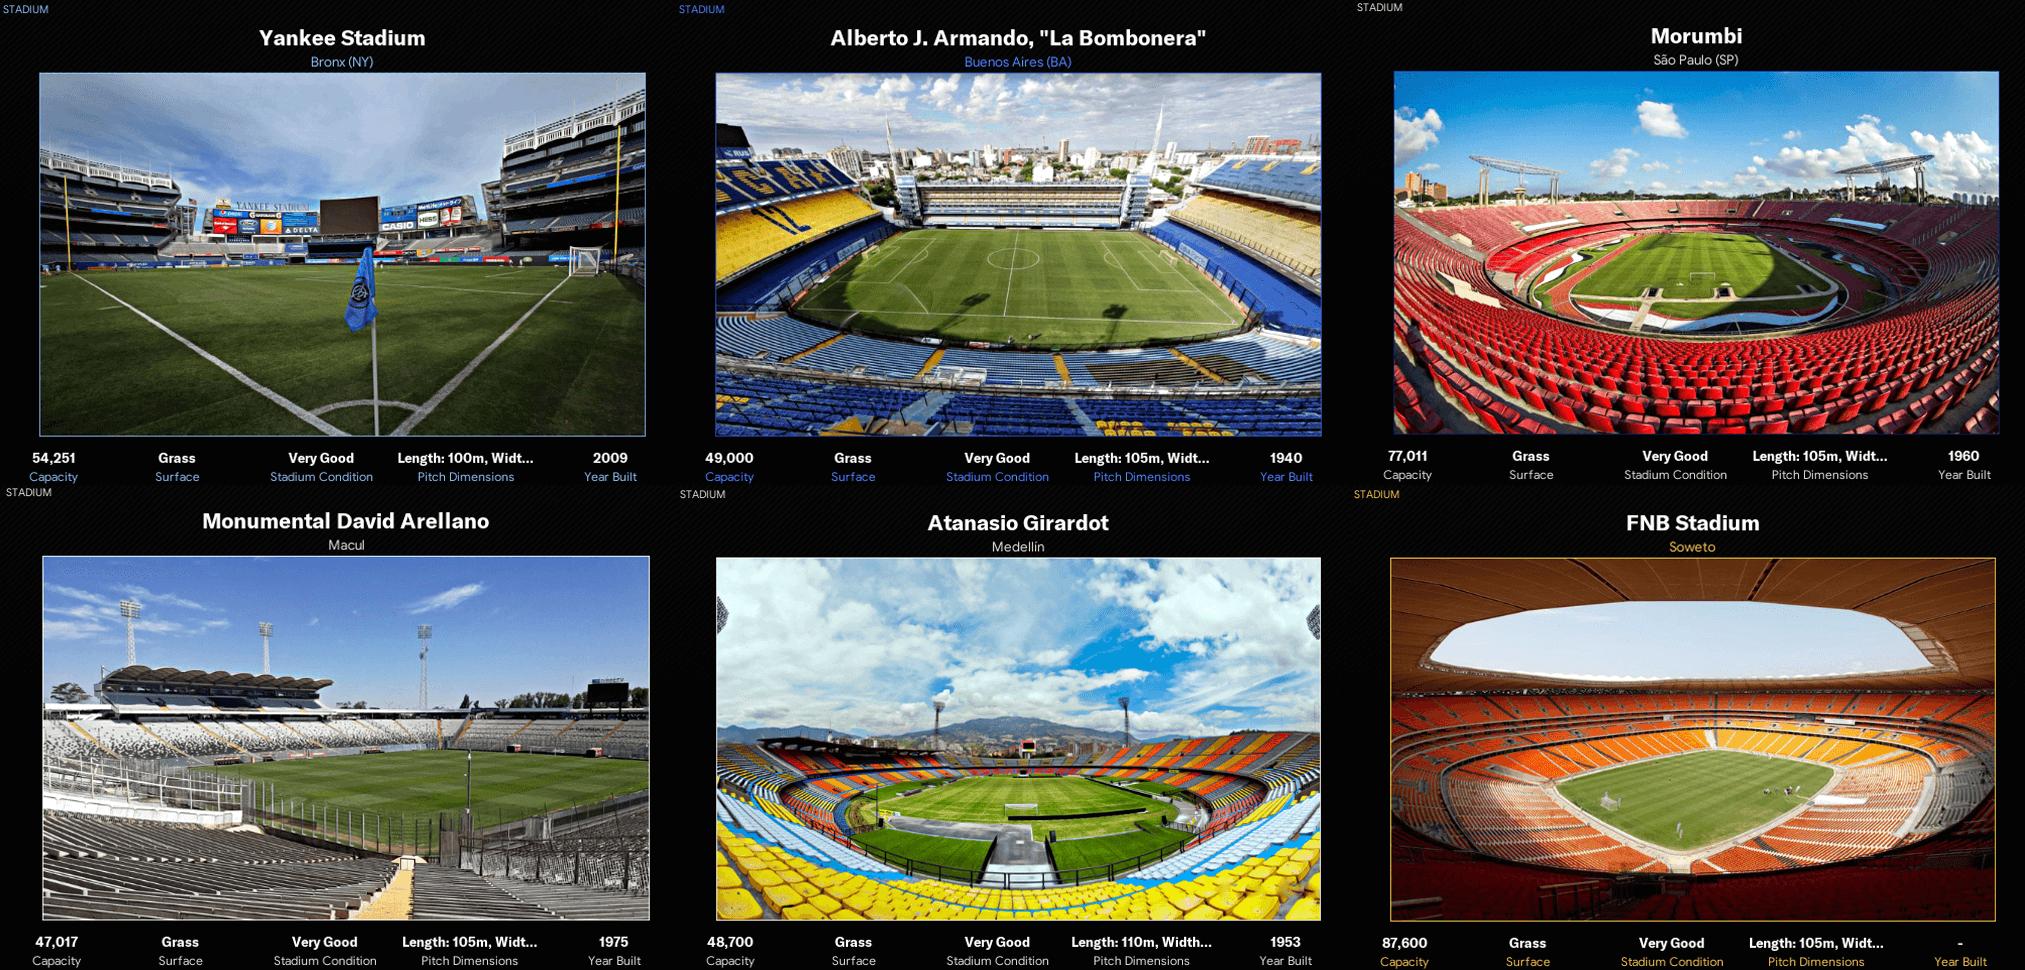 FMT Stadium Superpack (FM2020) Stadiums-preview2912debb2cb4c4174